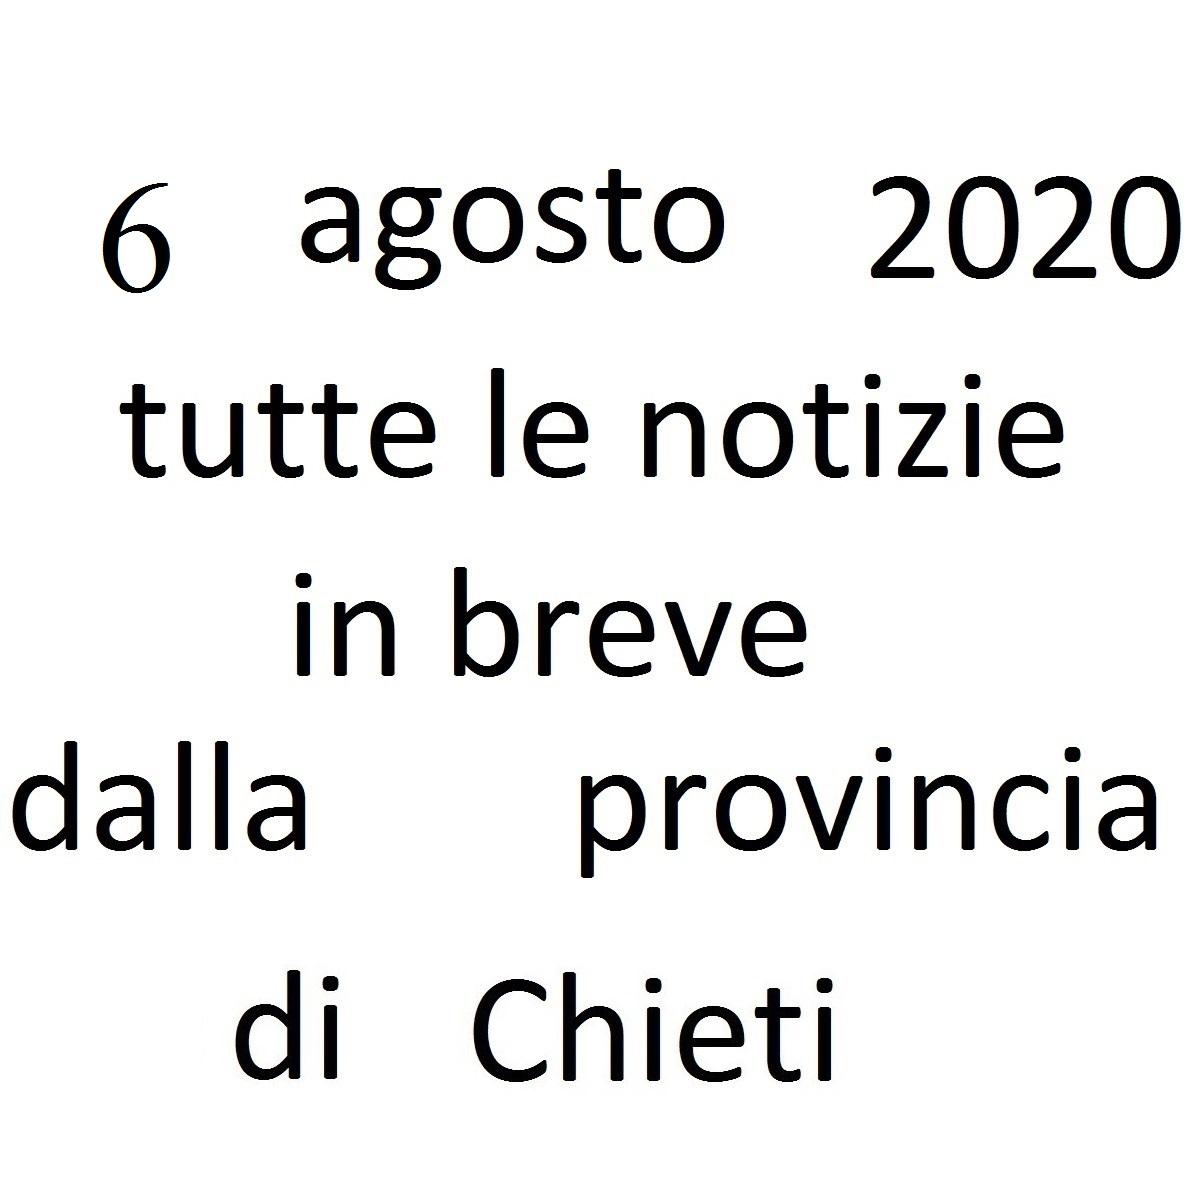 6 agosto 2020 notizie in breve dalla Provincia di Chieti foto